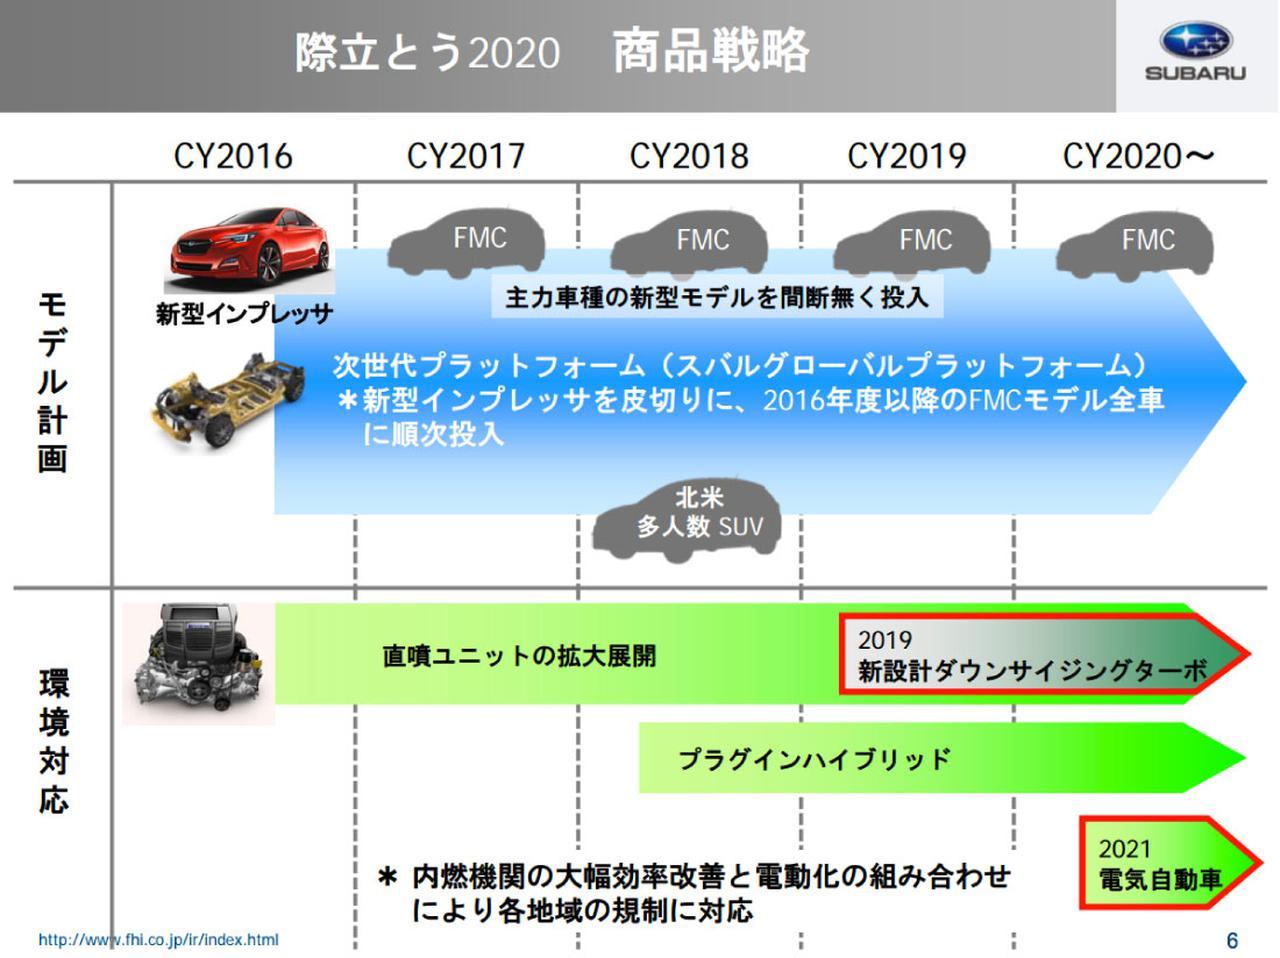 画像: 2016年度から実施されたスバルの前中期経営計画「際立とう2020」より(2016年当時の資料より引用)。具体的な車名はないが、その後発表された車種はピタリと当てはまり、計画が順調に推移していることがわかる。